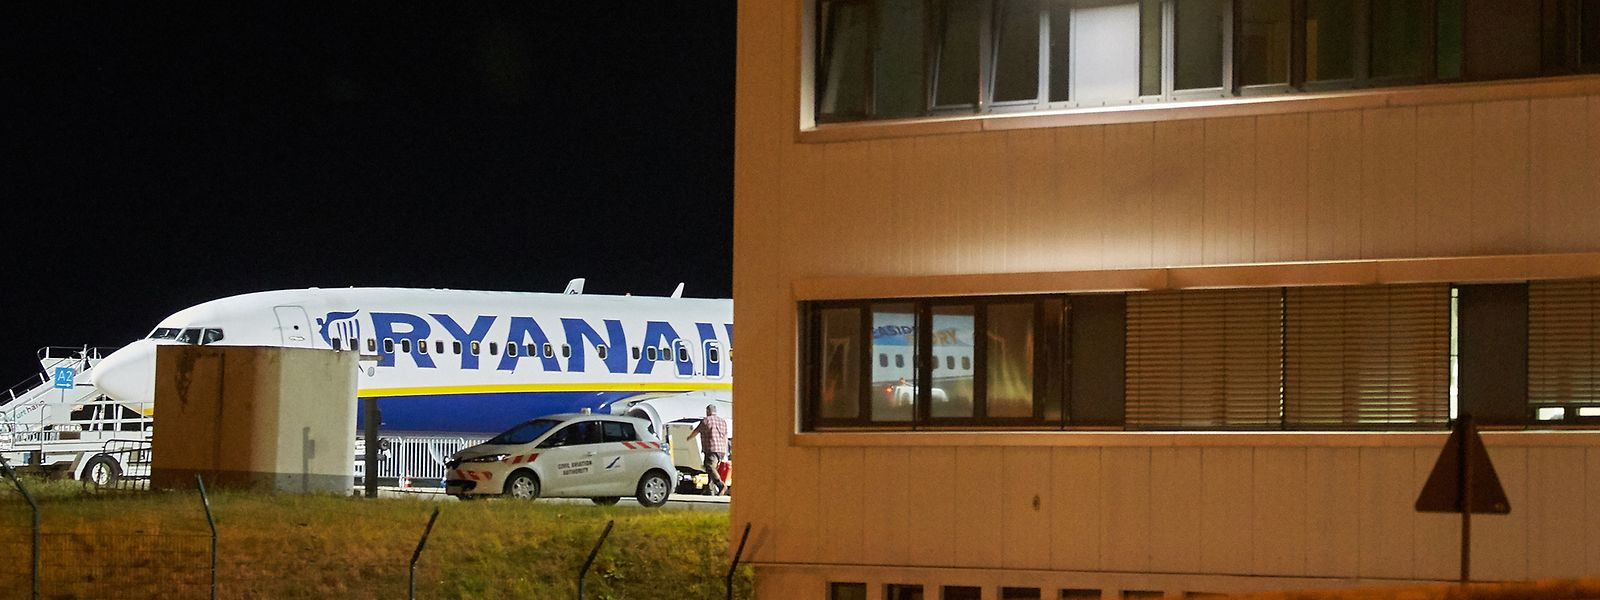 Auch in Hahn stehen die Maschinen der irischen Fluggesellschaft heute still.